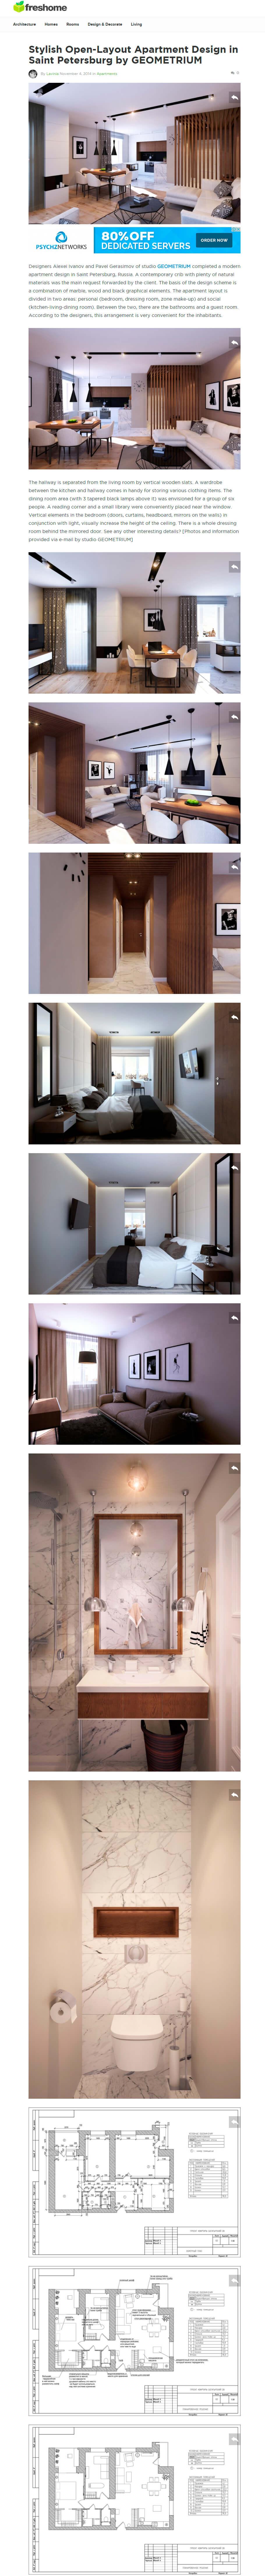 Дизайн-проект «Квартира на Богатырском» опубликован на зарубежном ...